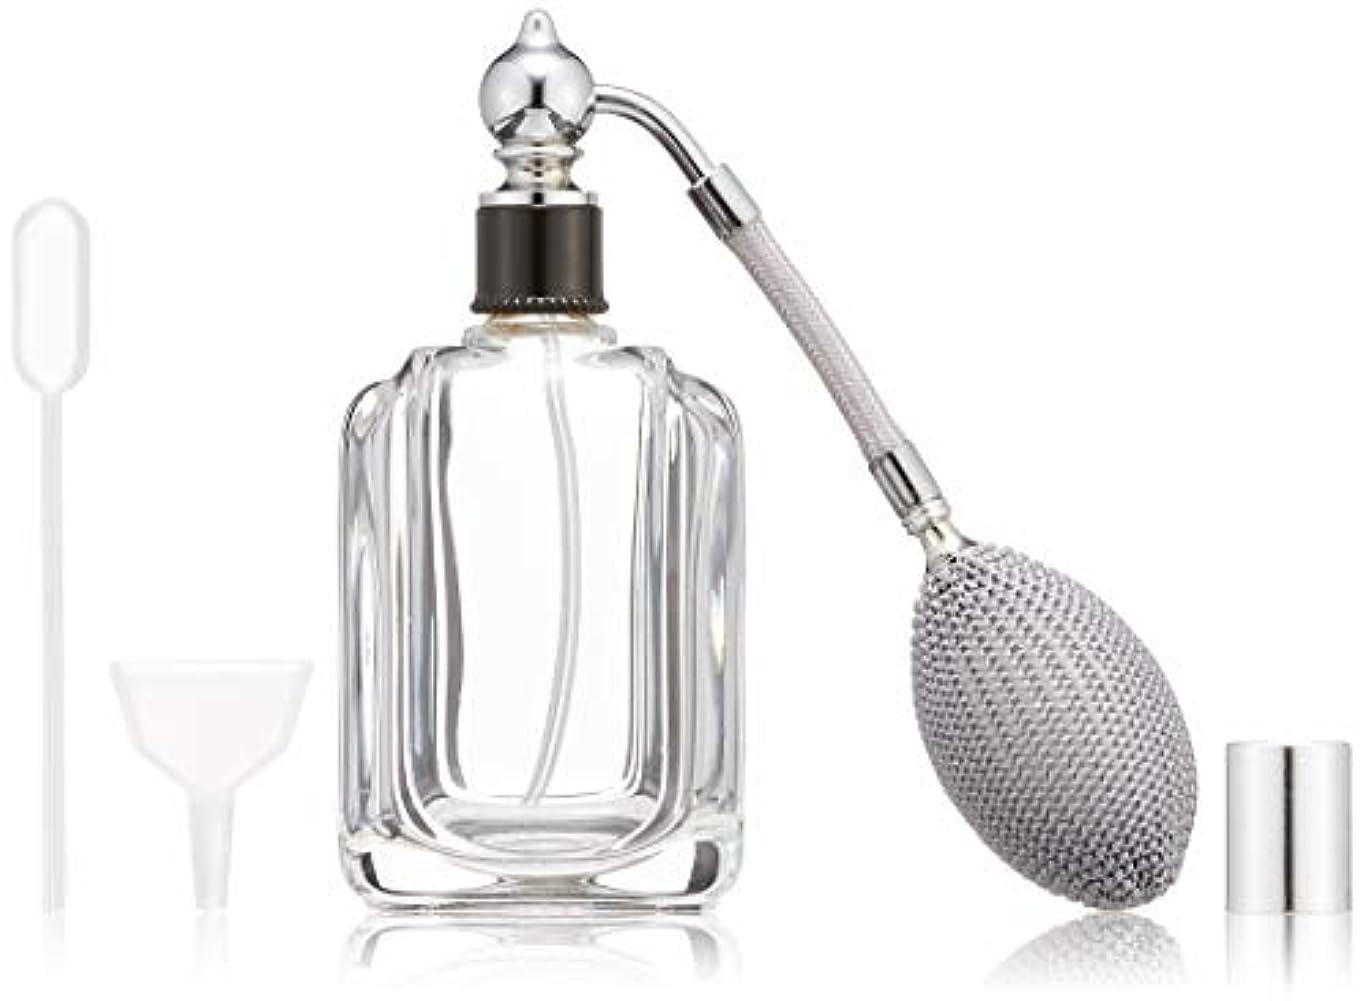 結婚リファインペルソナヒロセアトマイザー フランス製香水瓶50ML メンズアトマイザーkuro 409873SS (50MLタクジョウ) CLSS